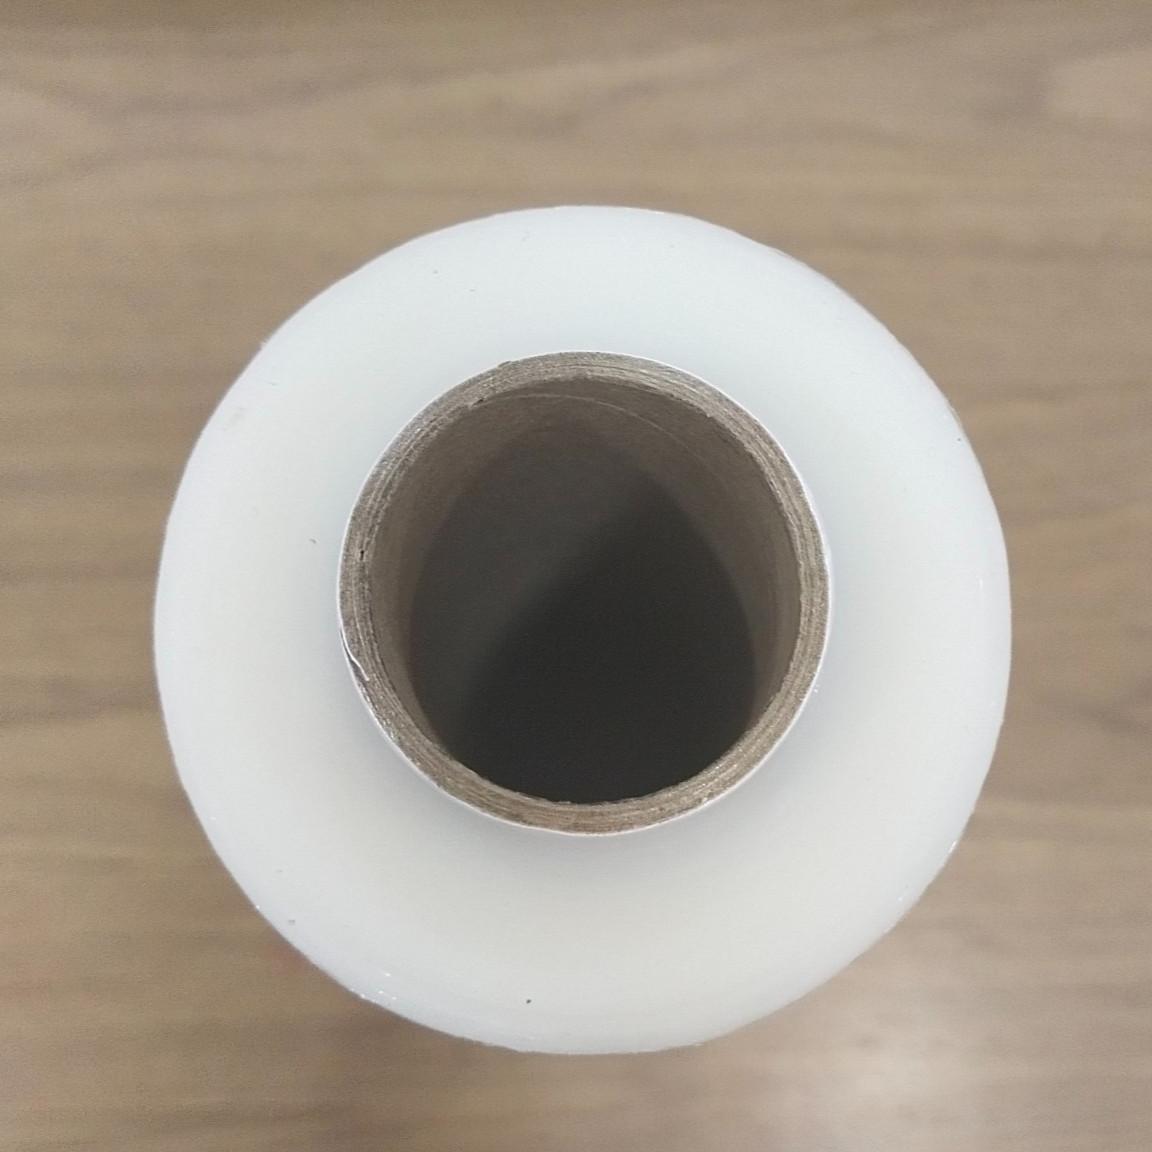 Lõi màng bọc thực phẩm 30 x 400m -Loại tốt- Nhựa PE-Dùng cho lò vi sóng